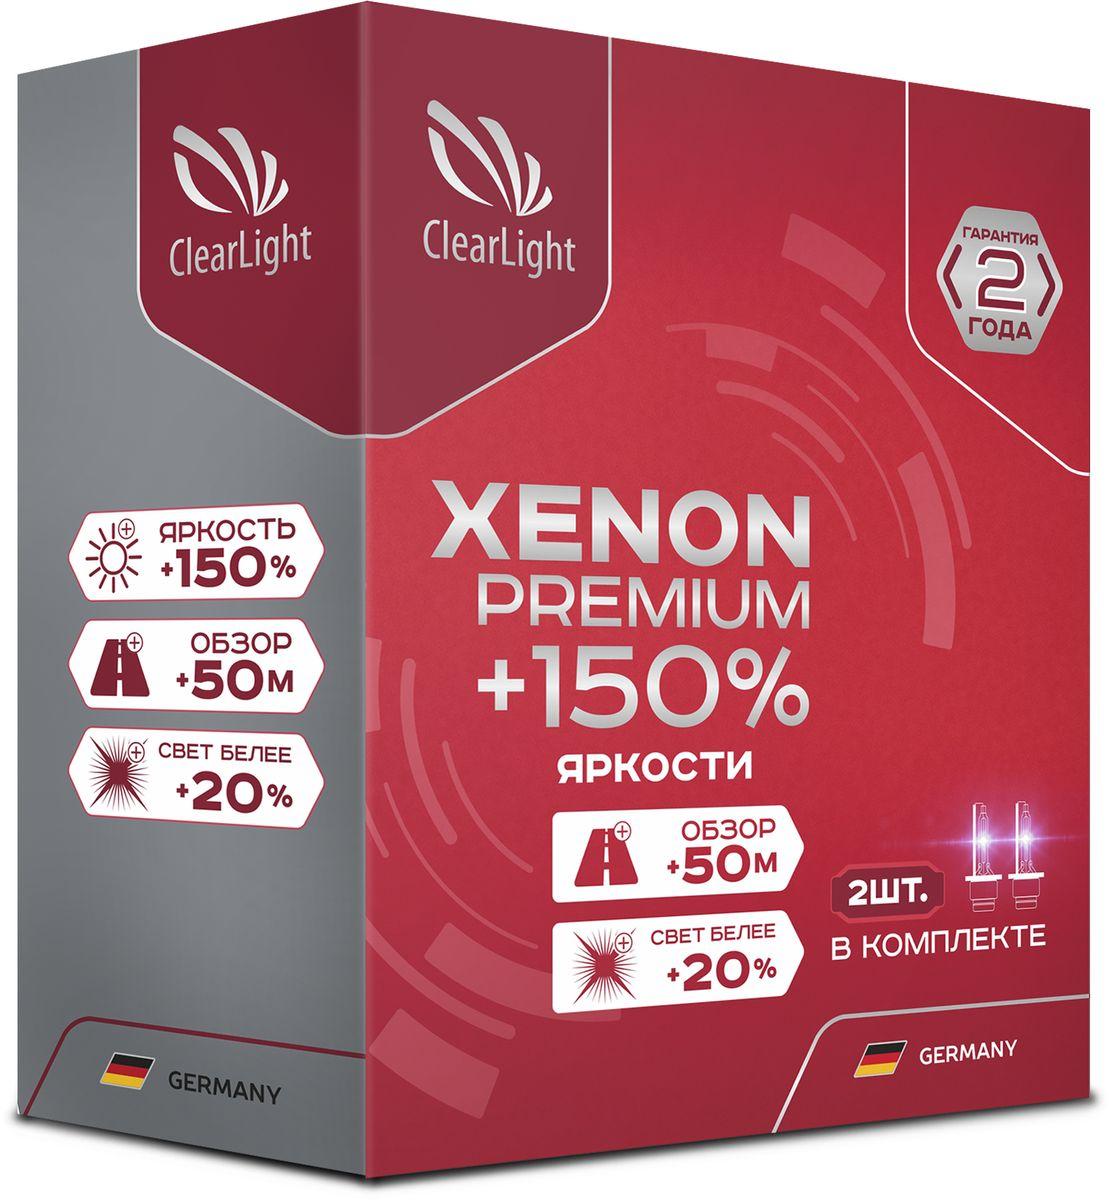 Лампа автомобильная ксеноновая Clearlight Xenon Premium+150%, цоколь HB4, 5000 К, 35 Вт, 2 шт лампа автомобильная ксеноновая clearlight xenon premium 150% цоколь d2r 5000 к 35 вт 2 шт